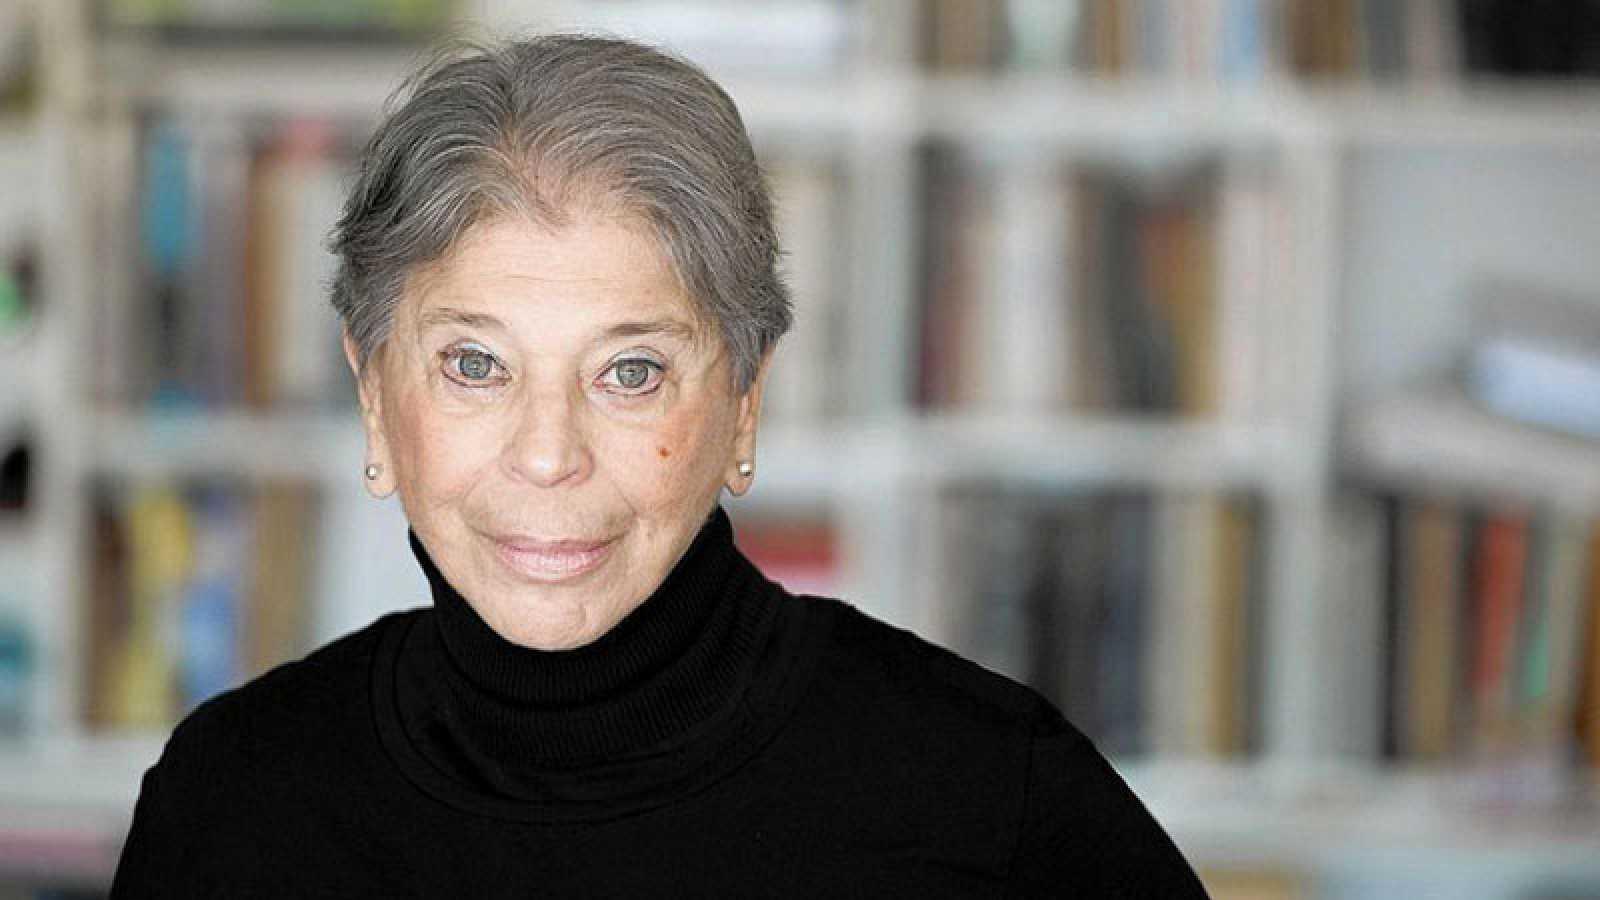 Llibres, píxels i valors - Vivian Gornick, lúcida crítica. M. Rosa Buxarrais ens acosta 13 pensadores de l'educació a reivindicar